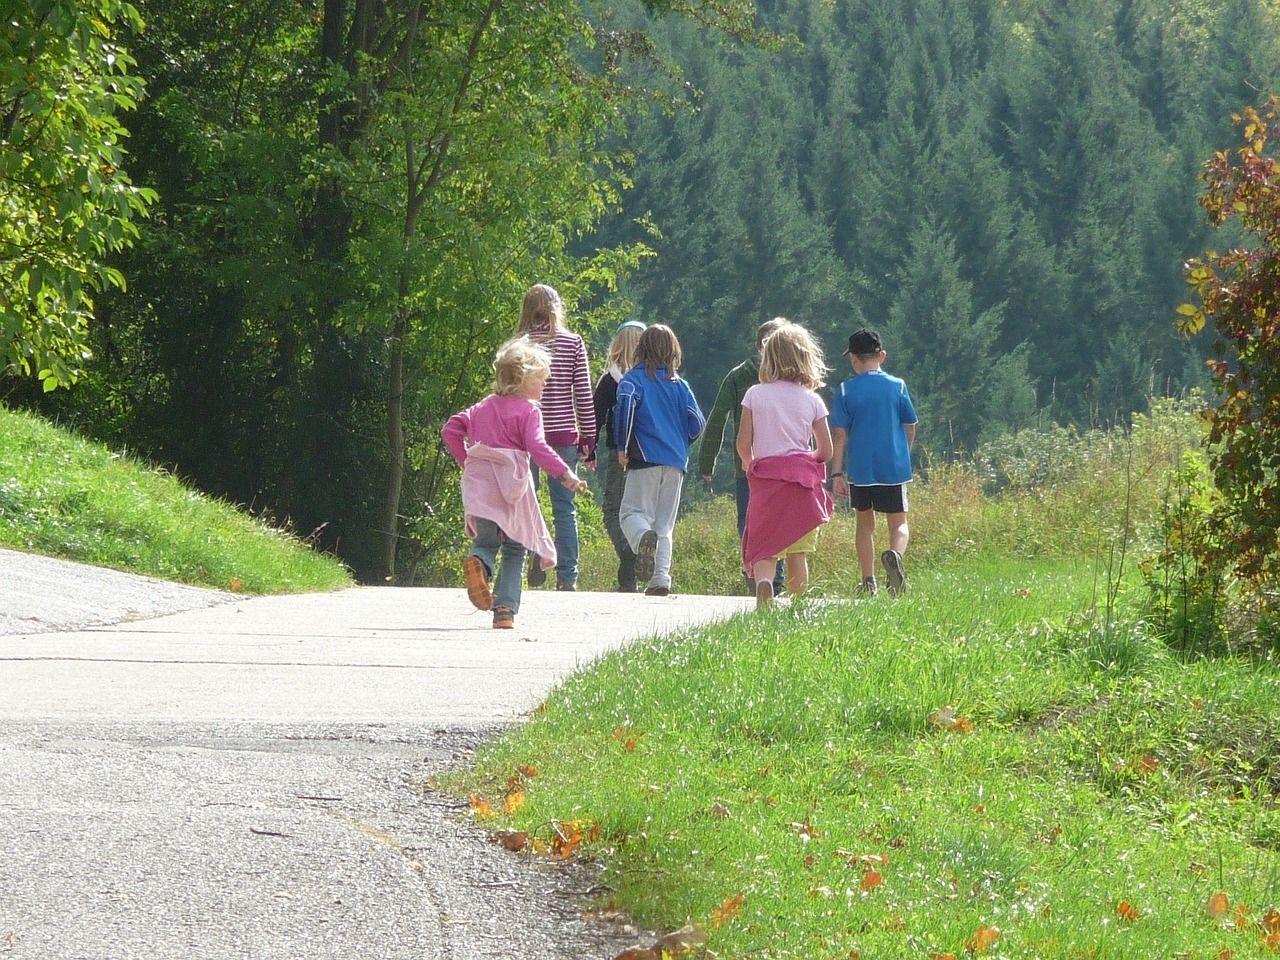 Scuola: camminare 1 km al giorno per combattere il rischio obesità